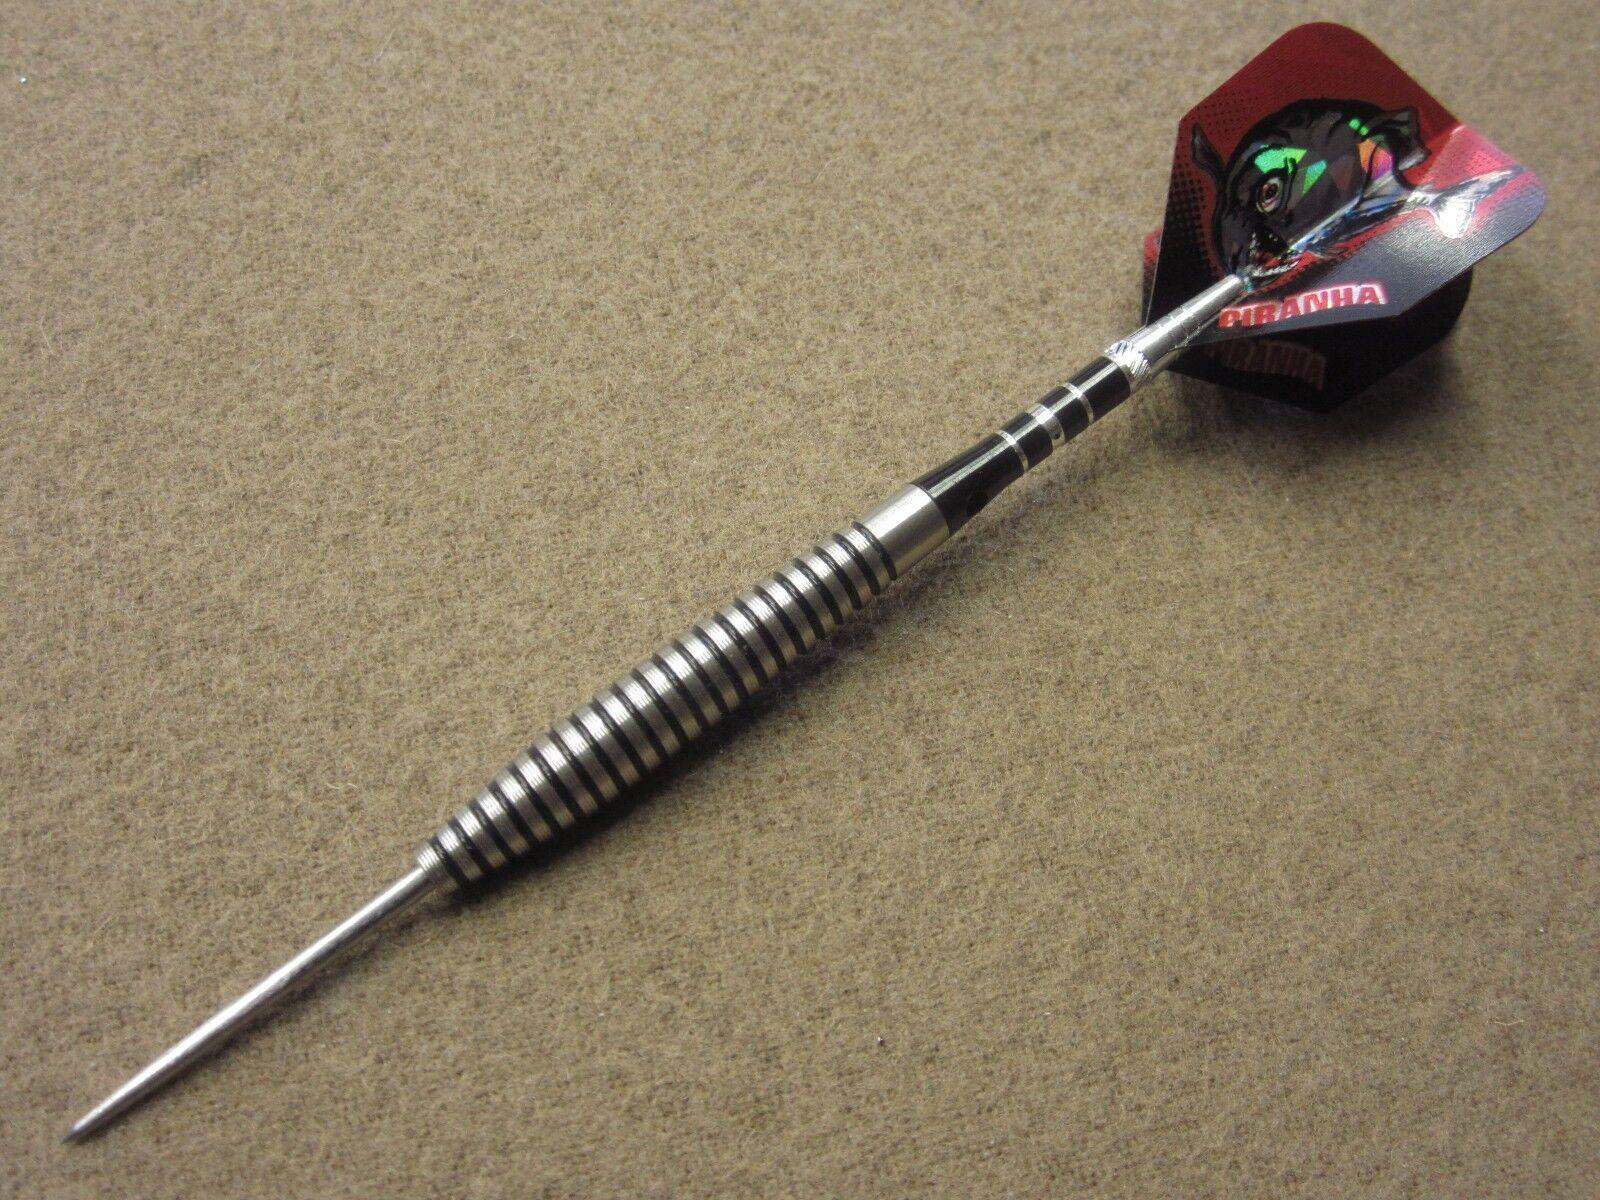 Piranha Razor Grip 27g Steel Tip Darts 90/% Tungsten 19511 w// FREE Shipping